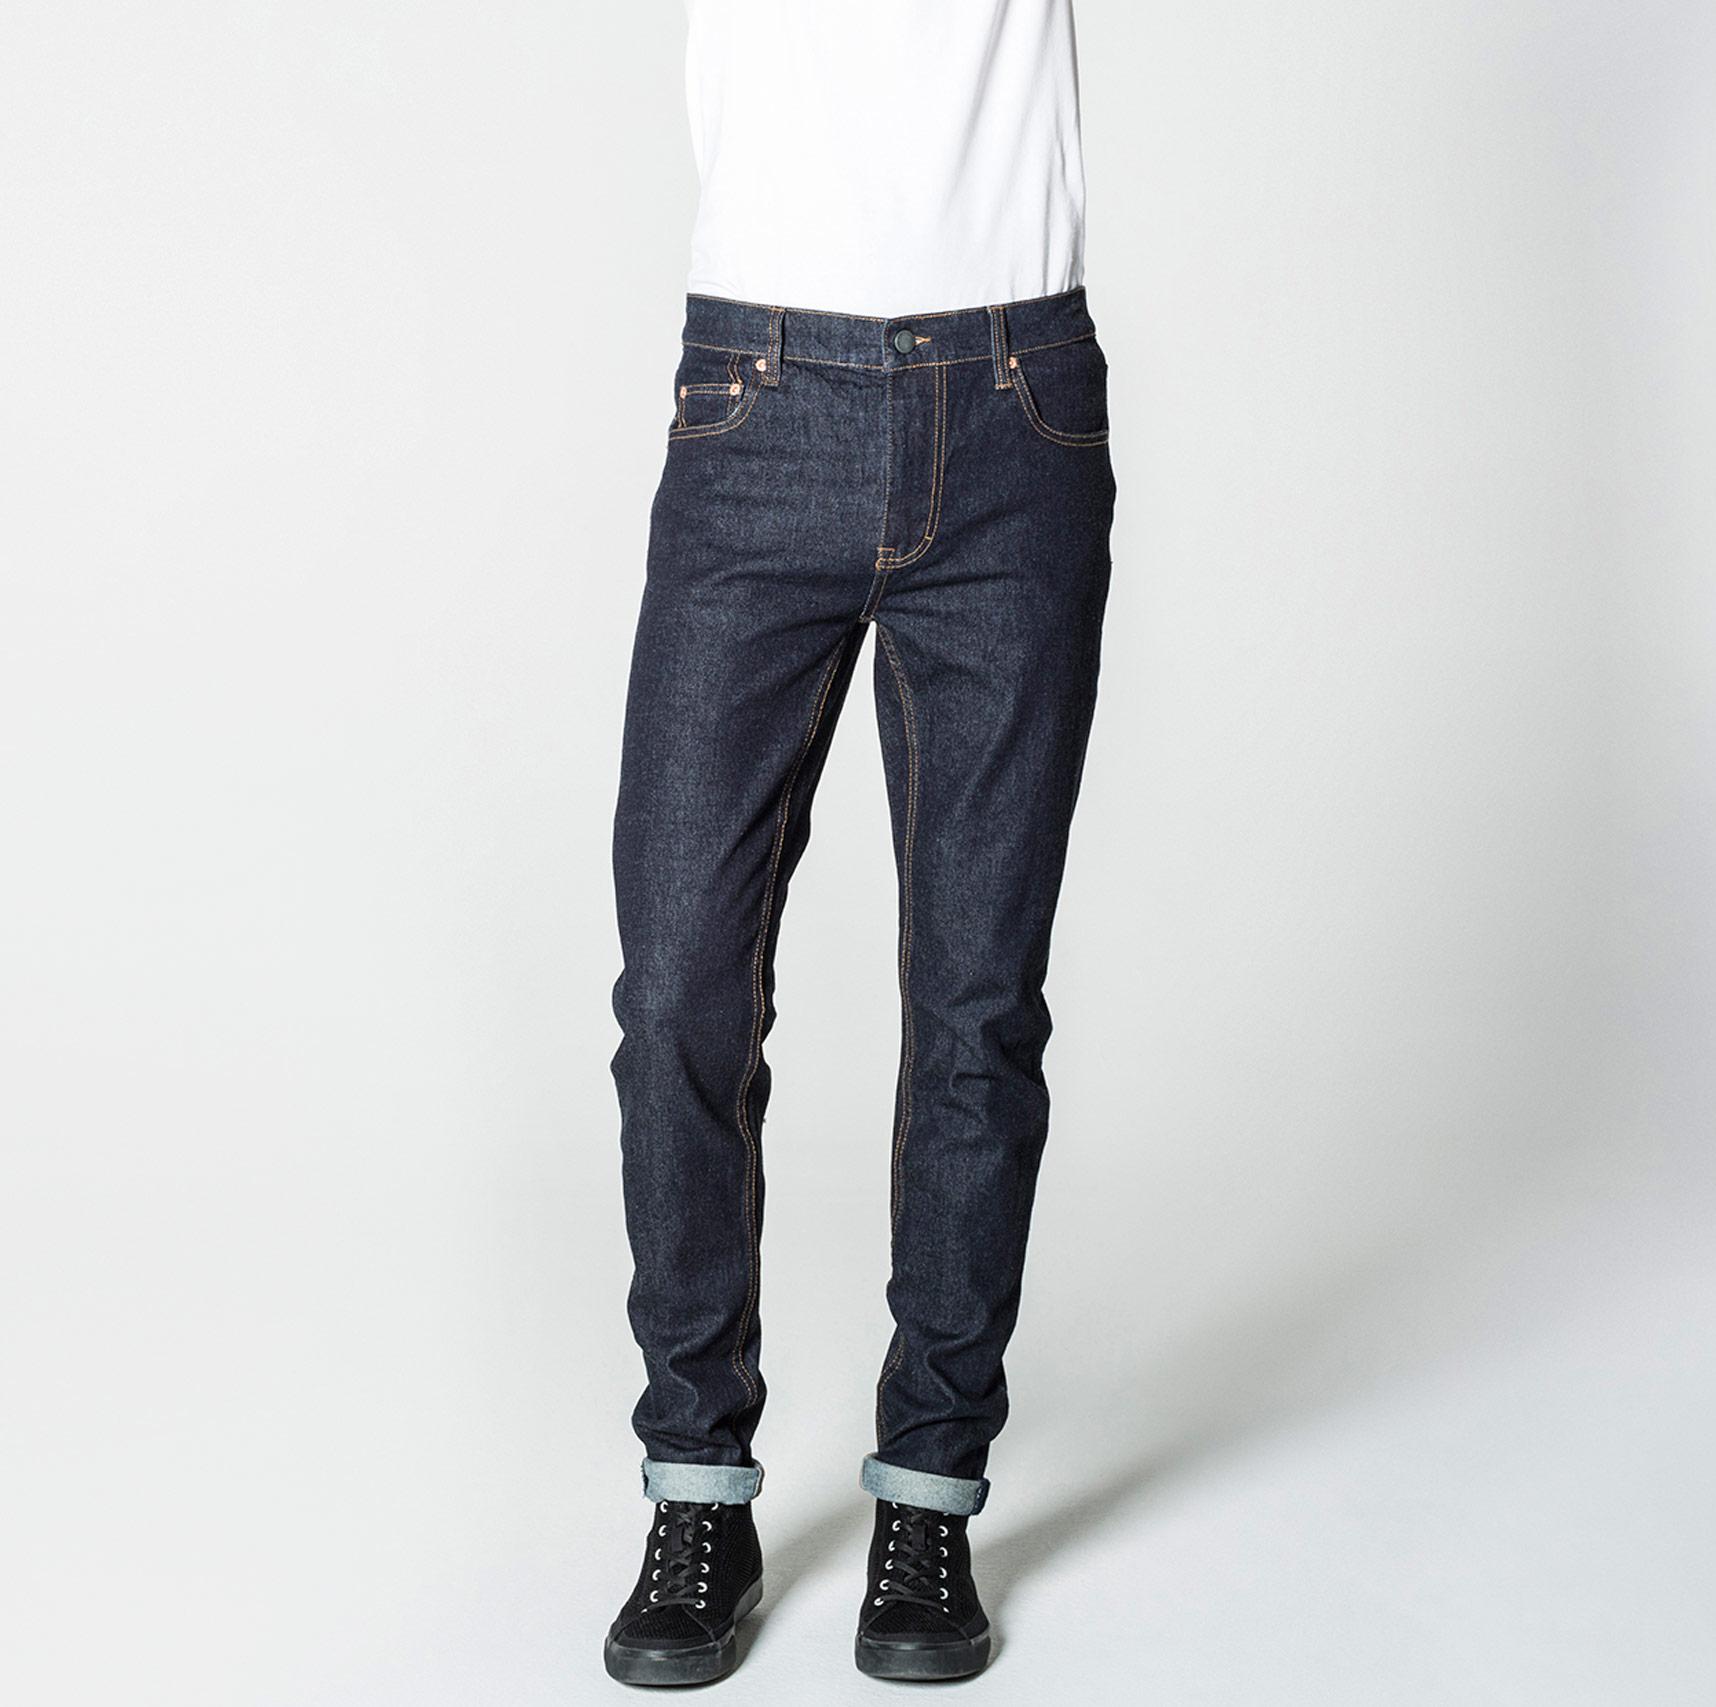 Grosir Celana Jeans Levis 02 Harga Murah Bagus Berkualitas